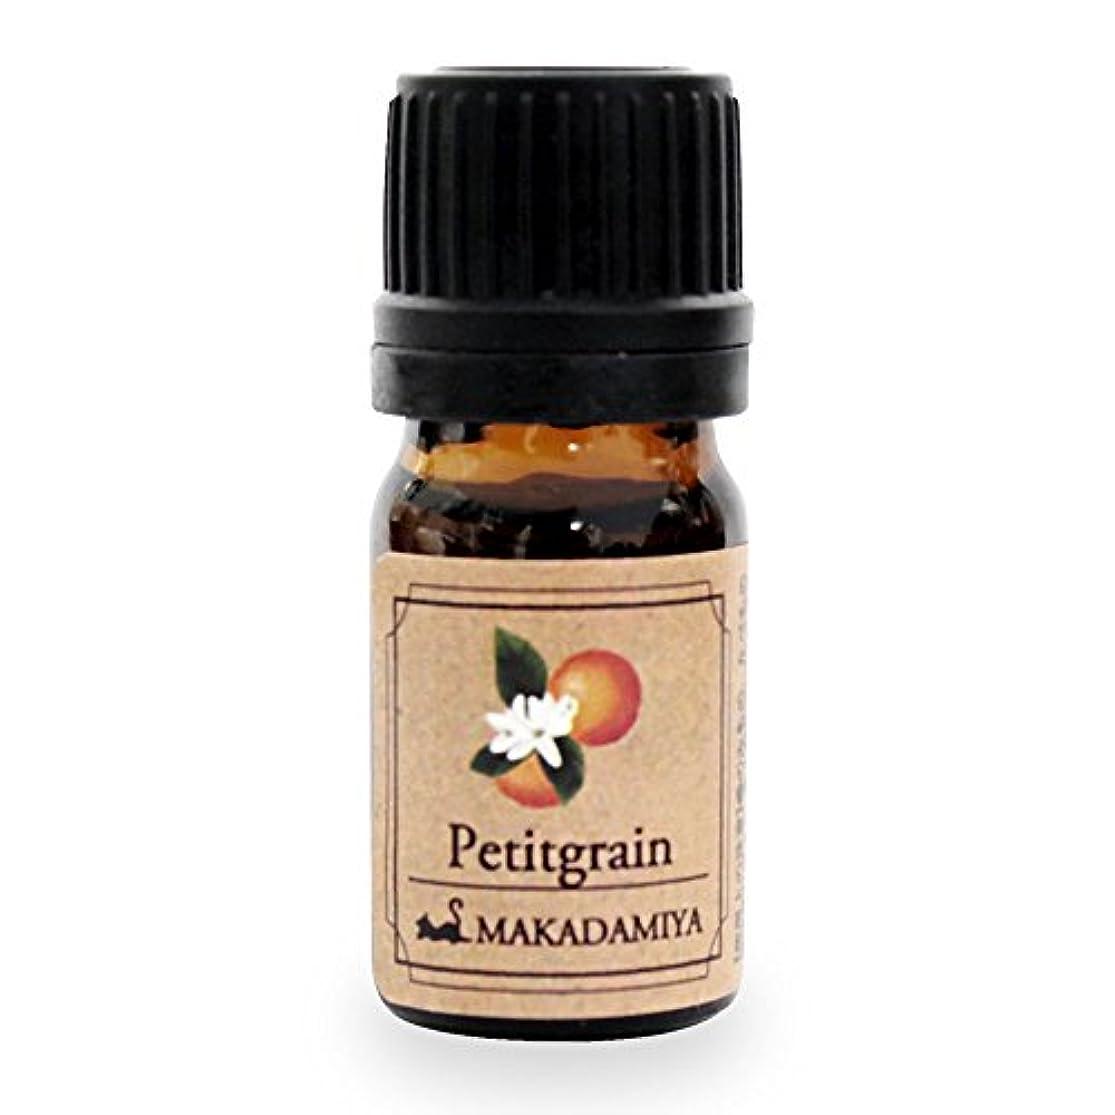 やがて剛性泣き叫ぶプチグレン5ml 天然100%植物性 エッセンシャルオイル(精油) アロマオイル アロママッサージ aroma Petitgrain